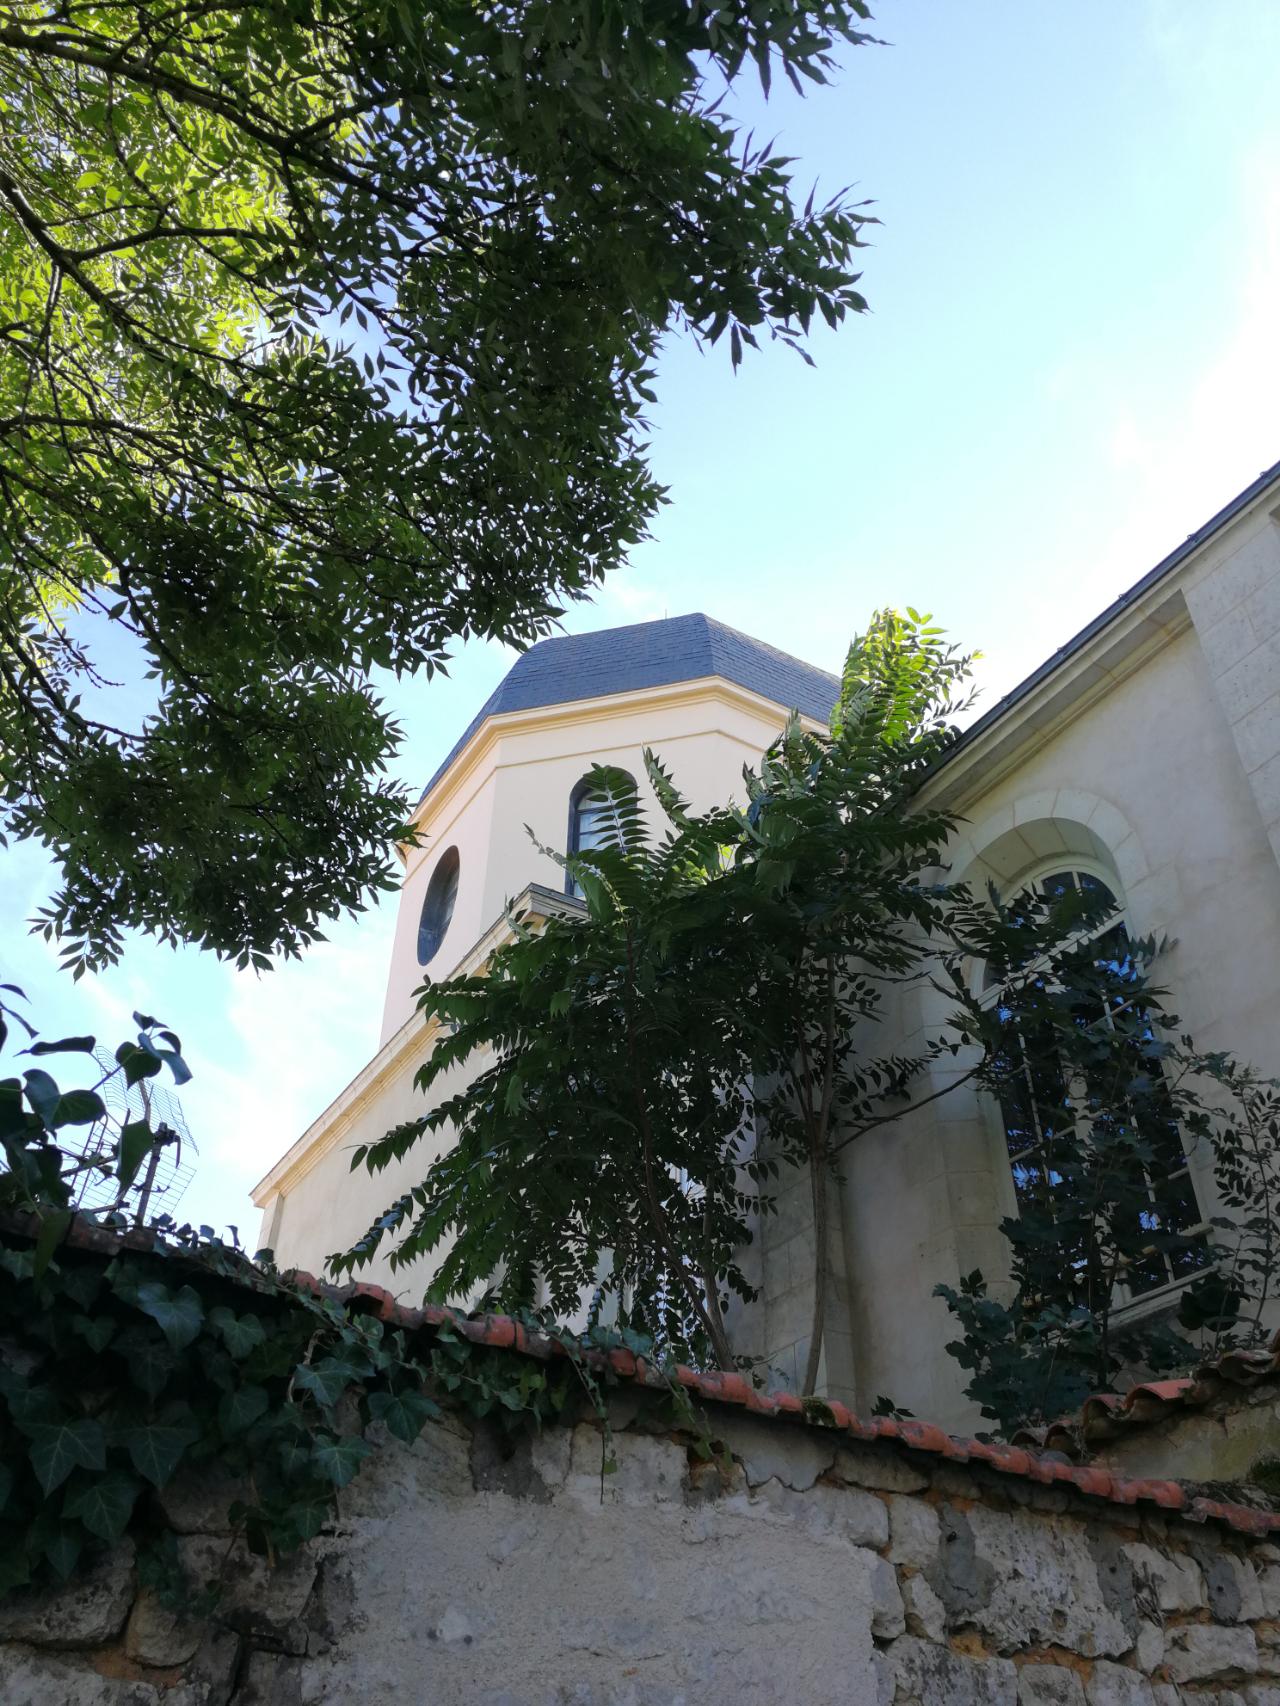 Photo 3: Visite guidée Fontenay-le-Comte